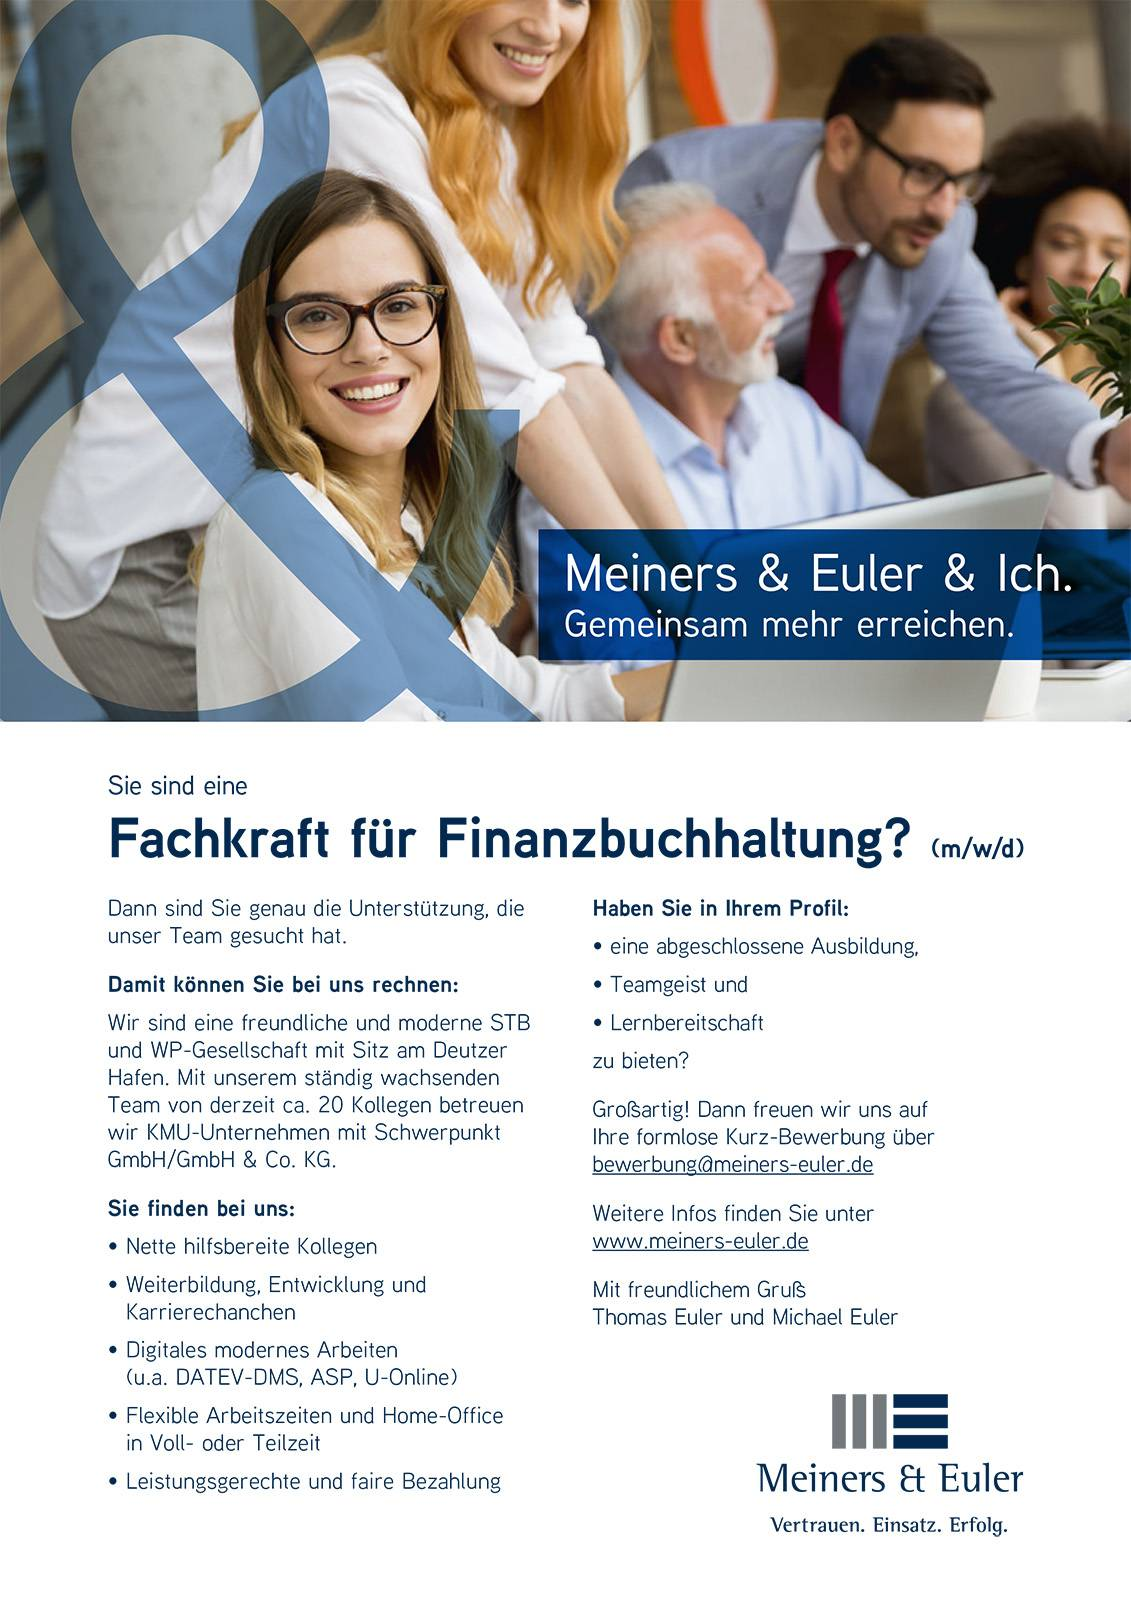 FINANZBUCHHALTER/IN bei Meiners & Euler